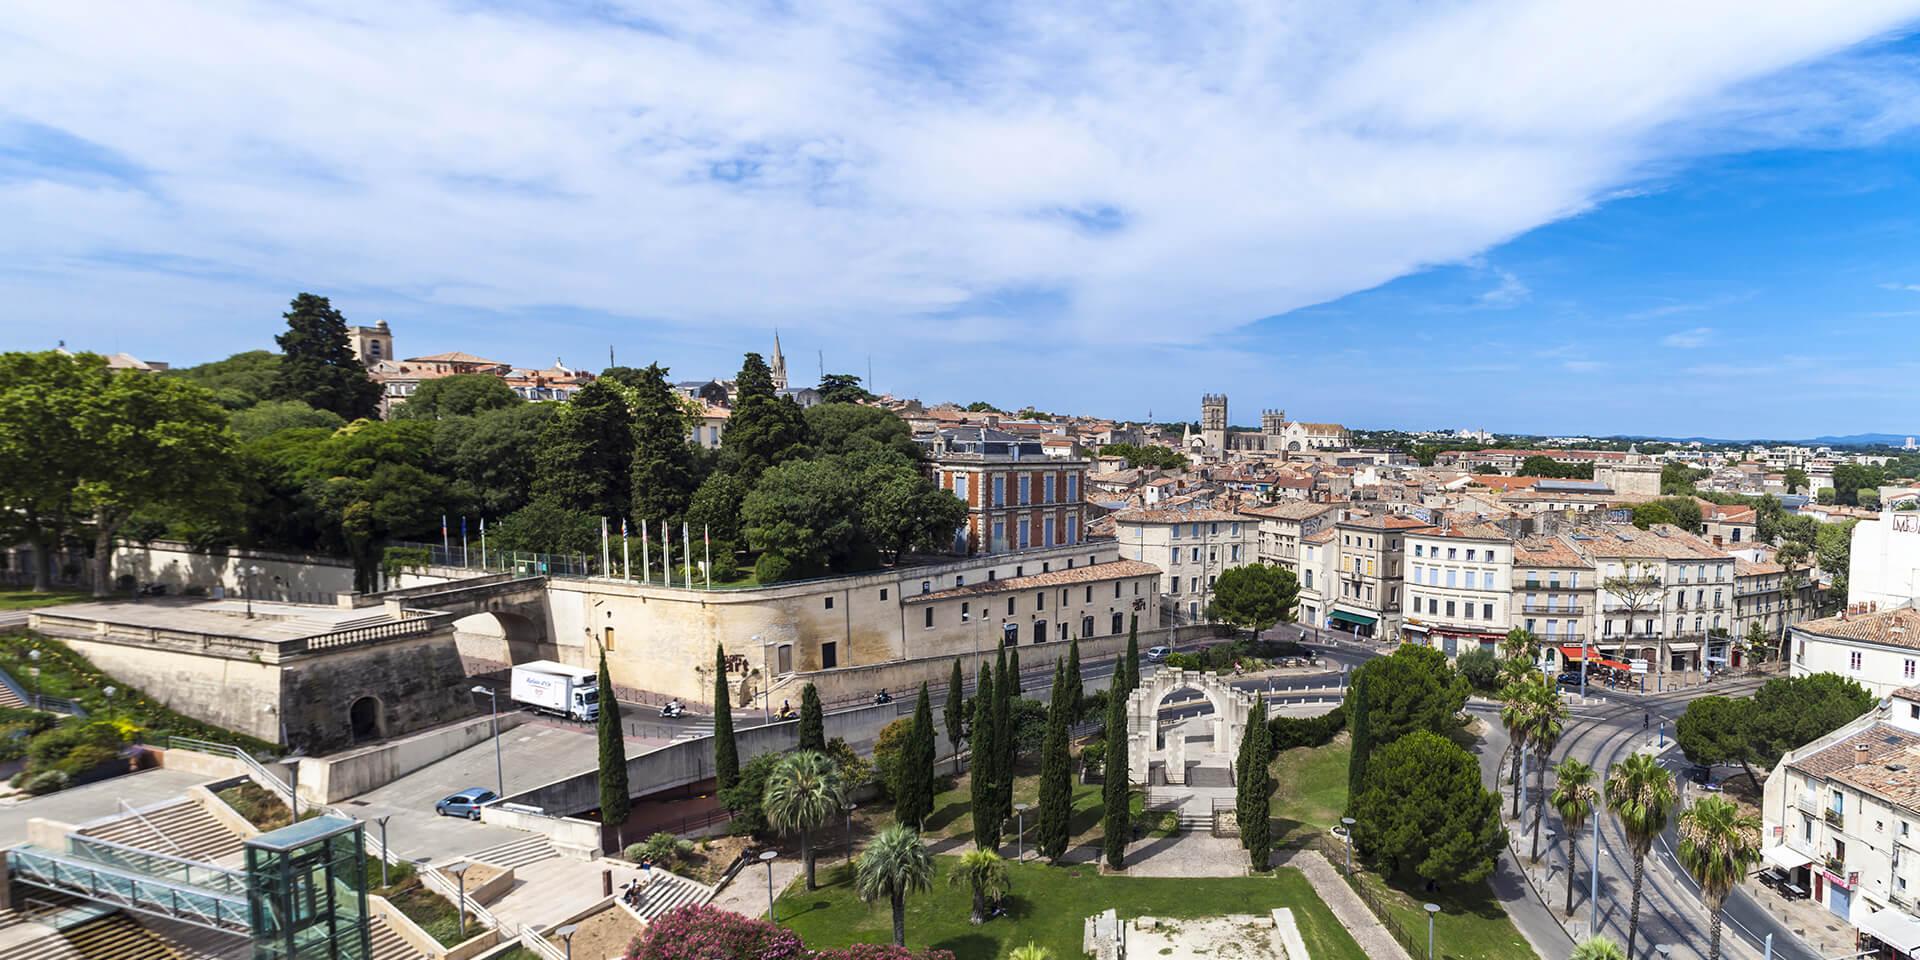 Location de villa à Montpellier, terre de soleil et de loisirs